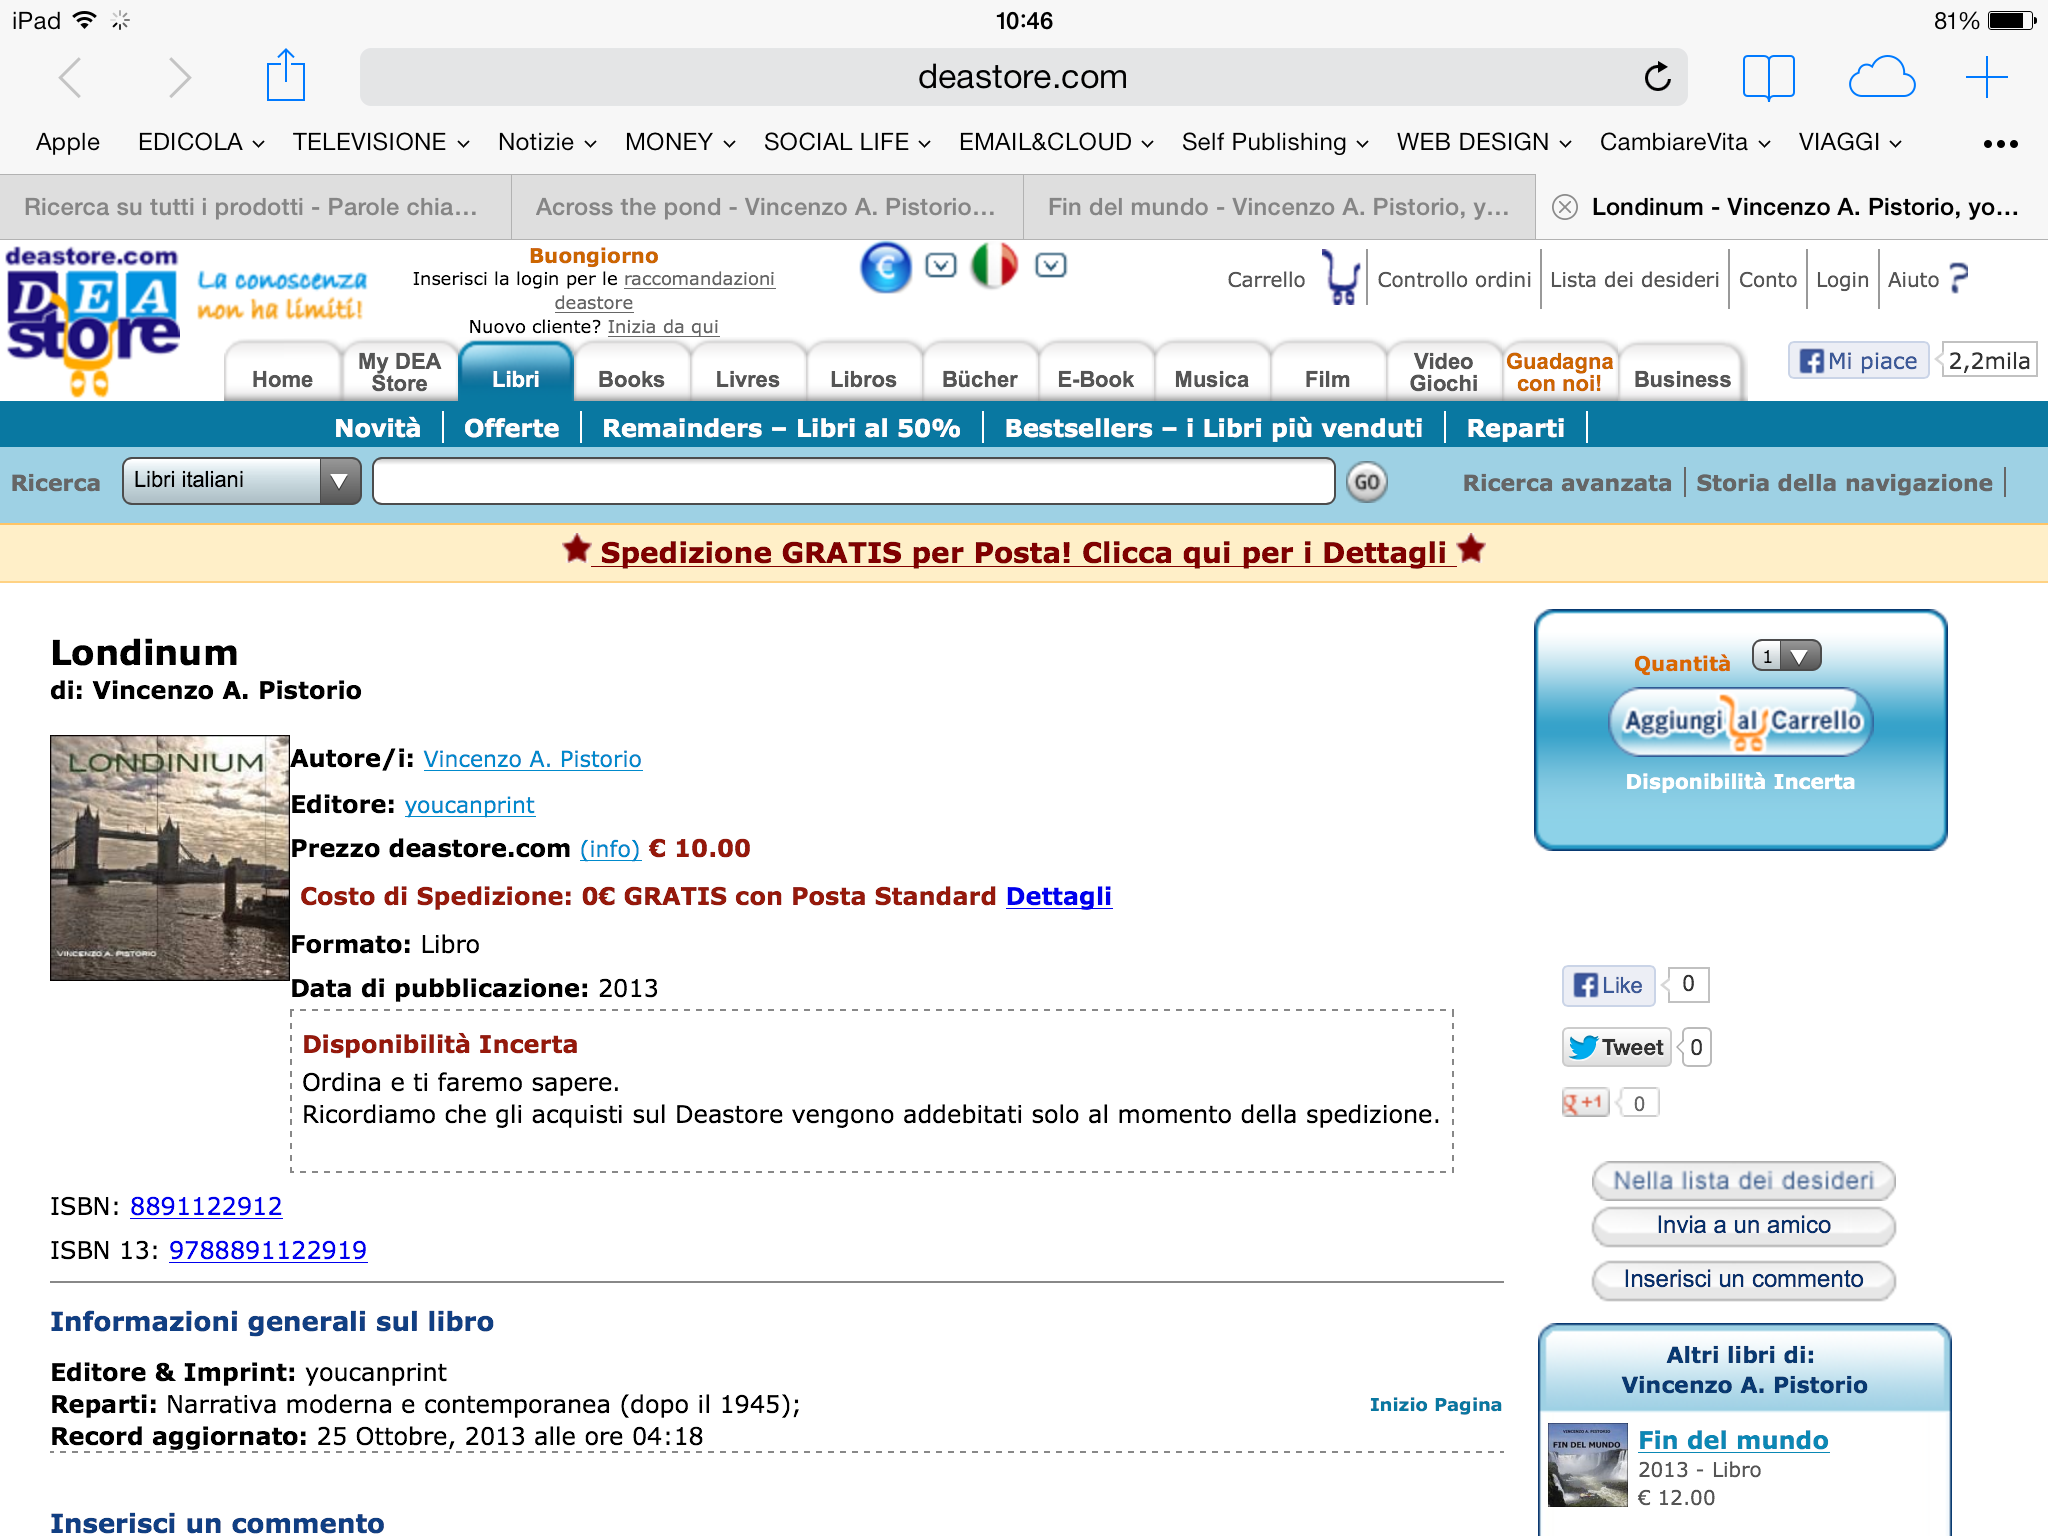 http://www.deastore.com/libro/across-the-pond-vincenzo-a-pistorio-youcanprint/9788891123053.html